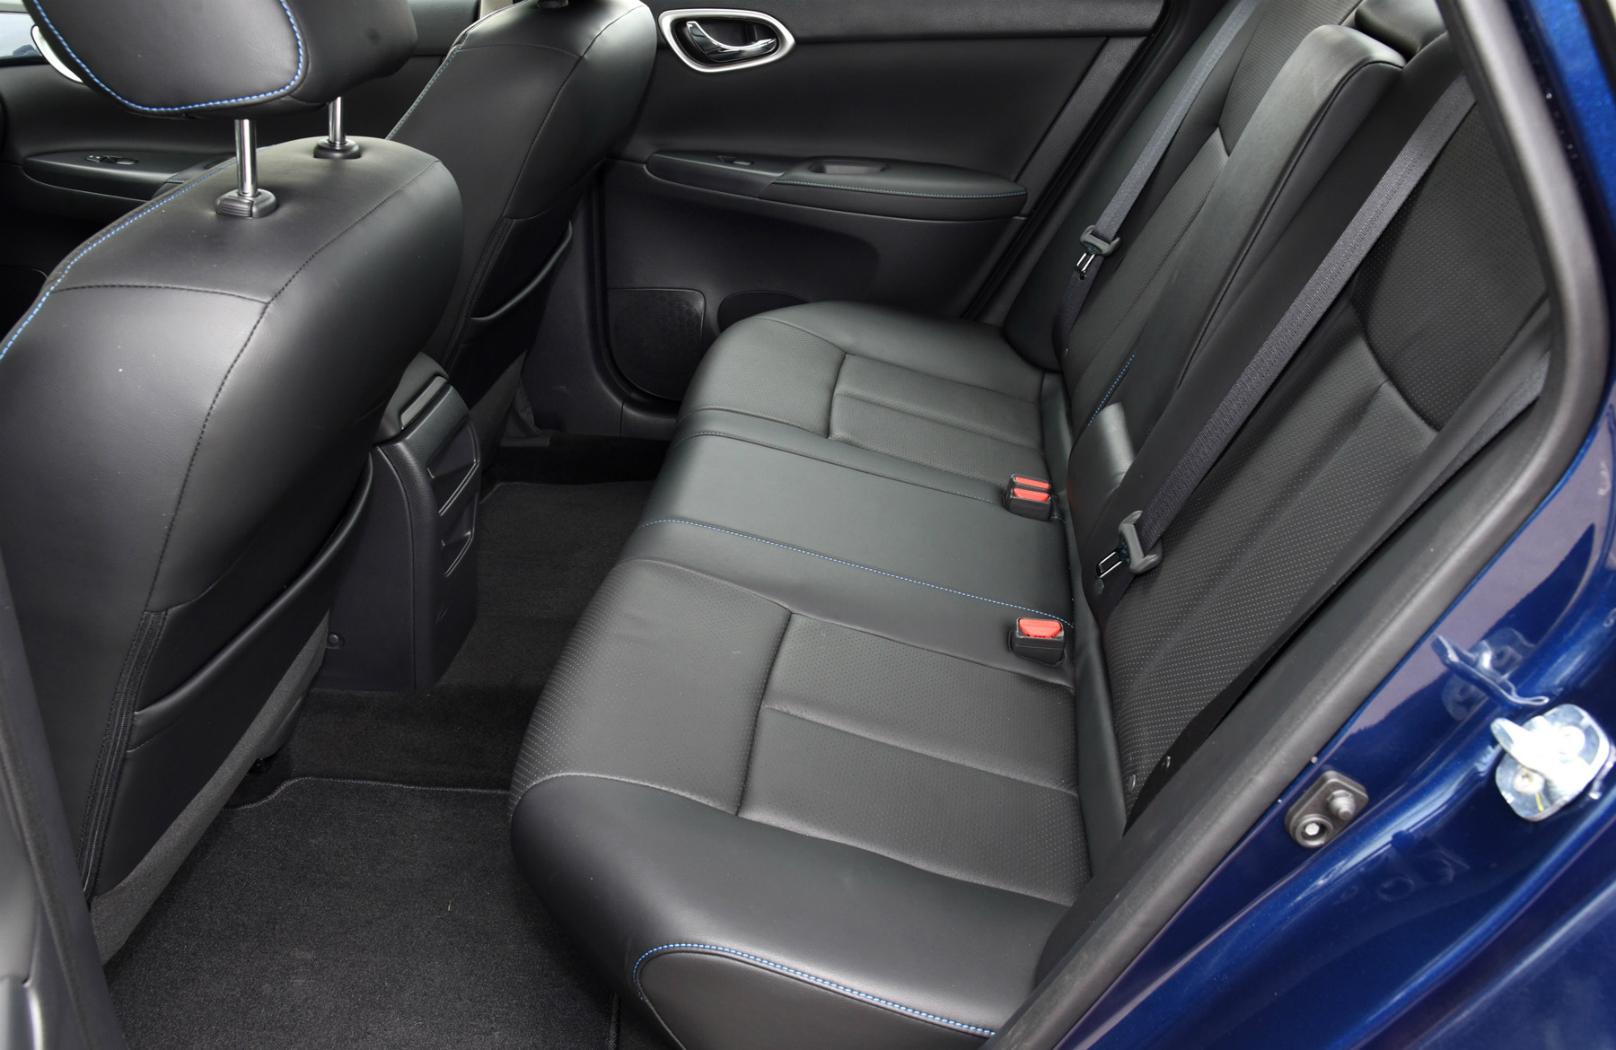 2010 Nissan Sentra Reviews Autos Post